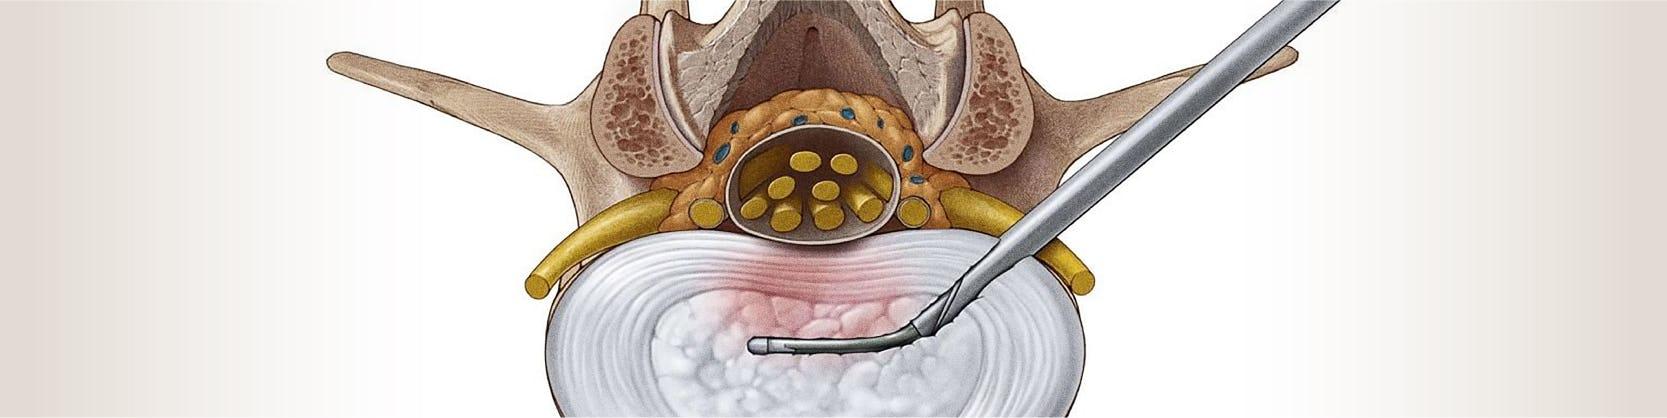 Tratament hernie de disc   Centrele Ares   Neuroradiologie interventionala